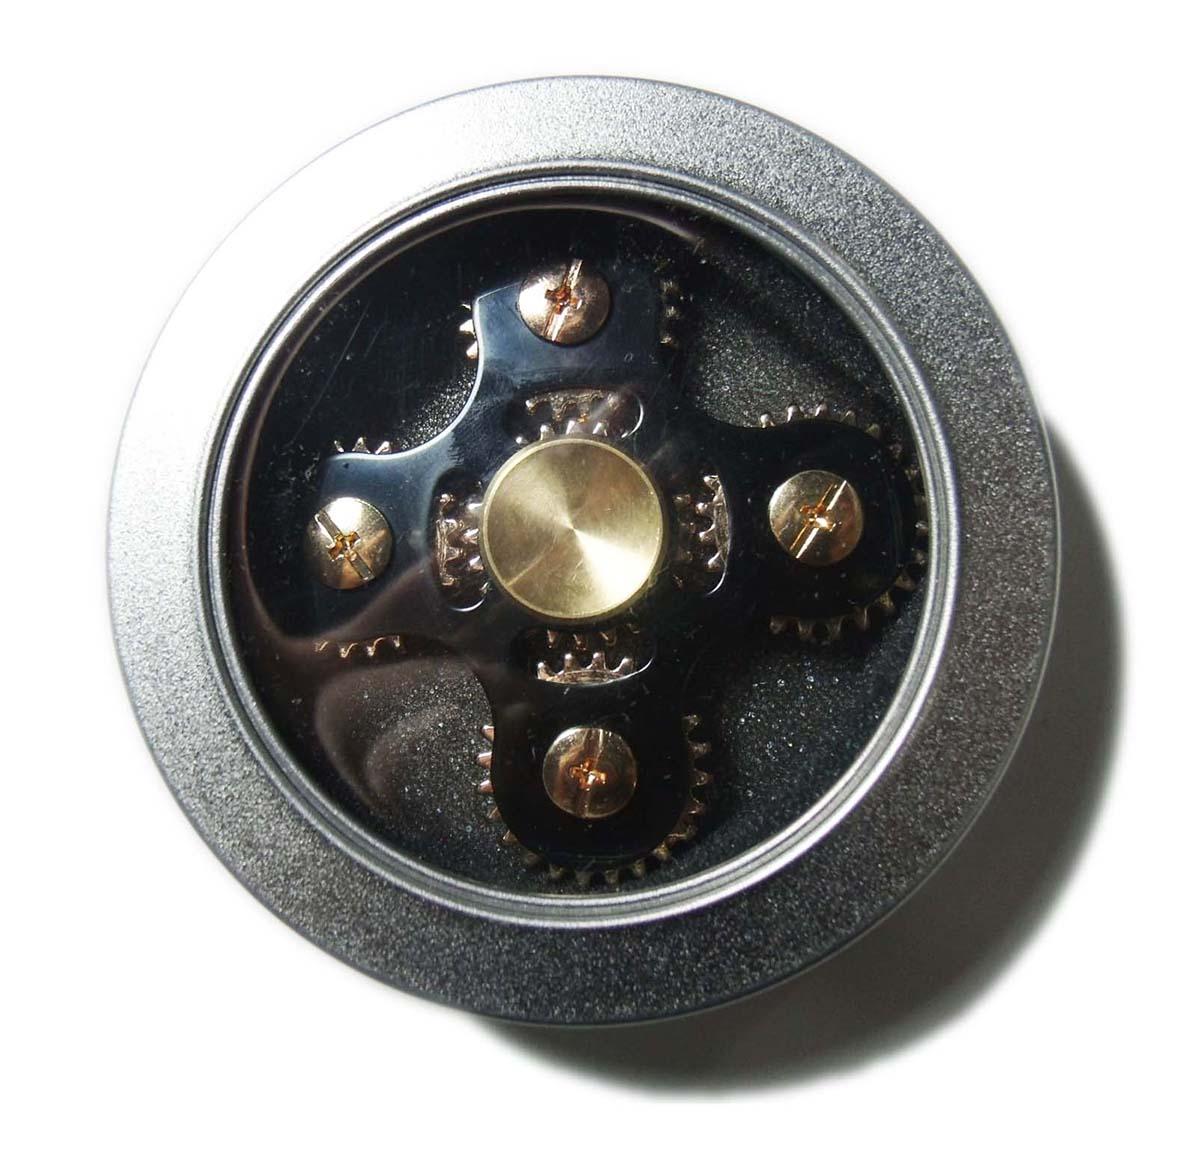 Hand Spinner Fidget De Metal Com Engrenagem Ansiedade Brinquedo Relax Cor Preto (bsl-gira-11)